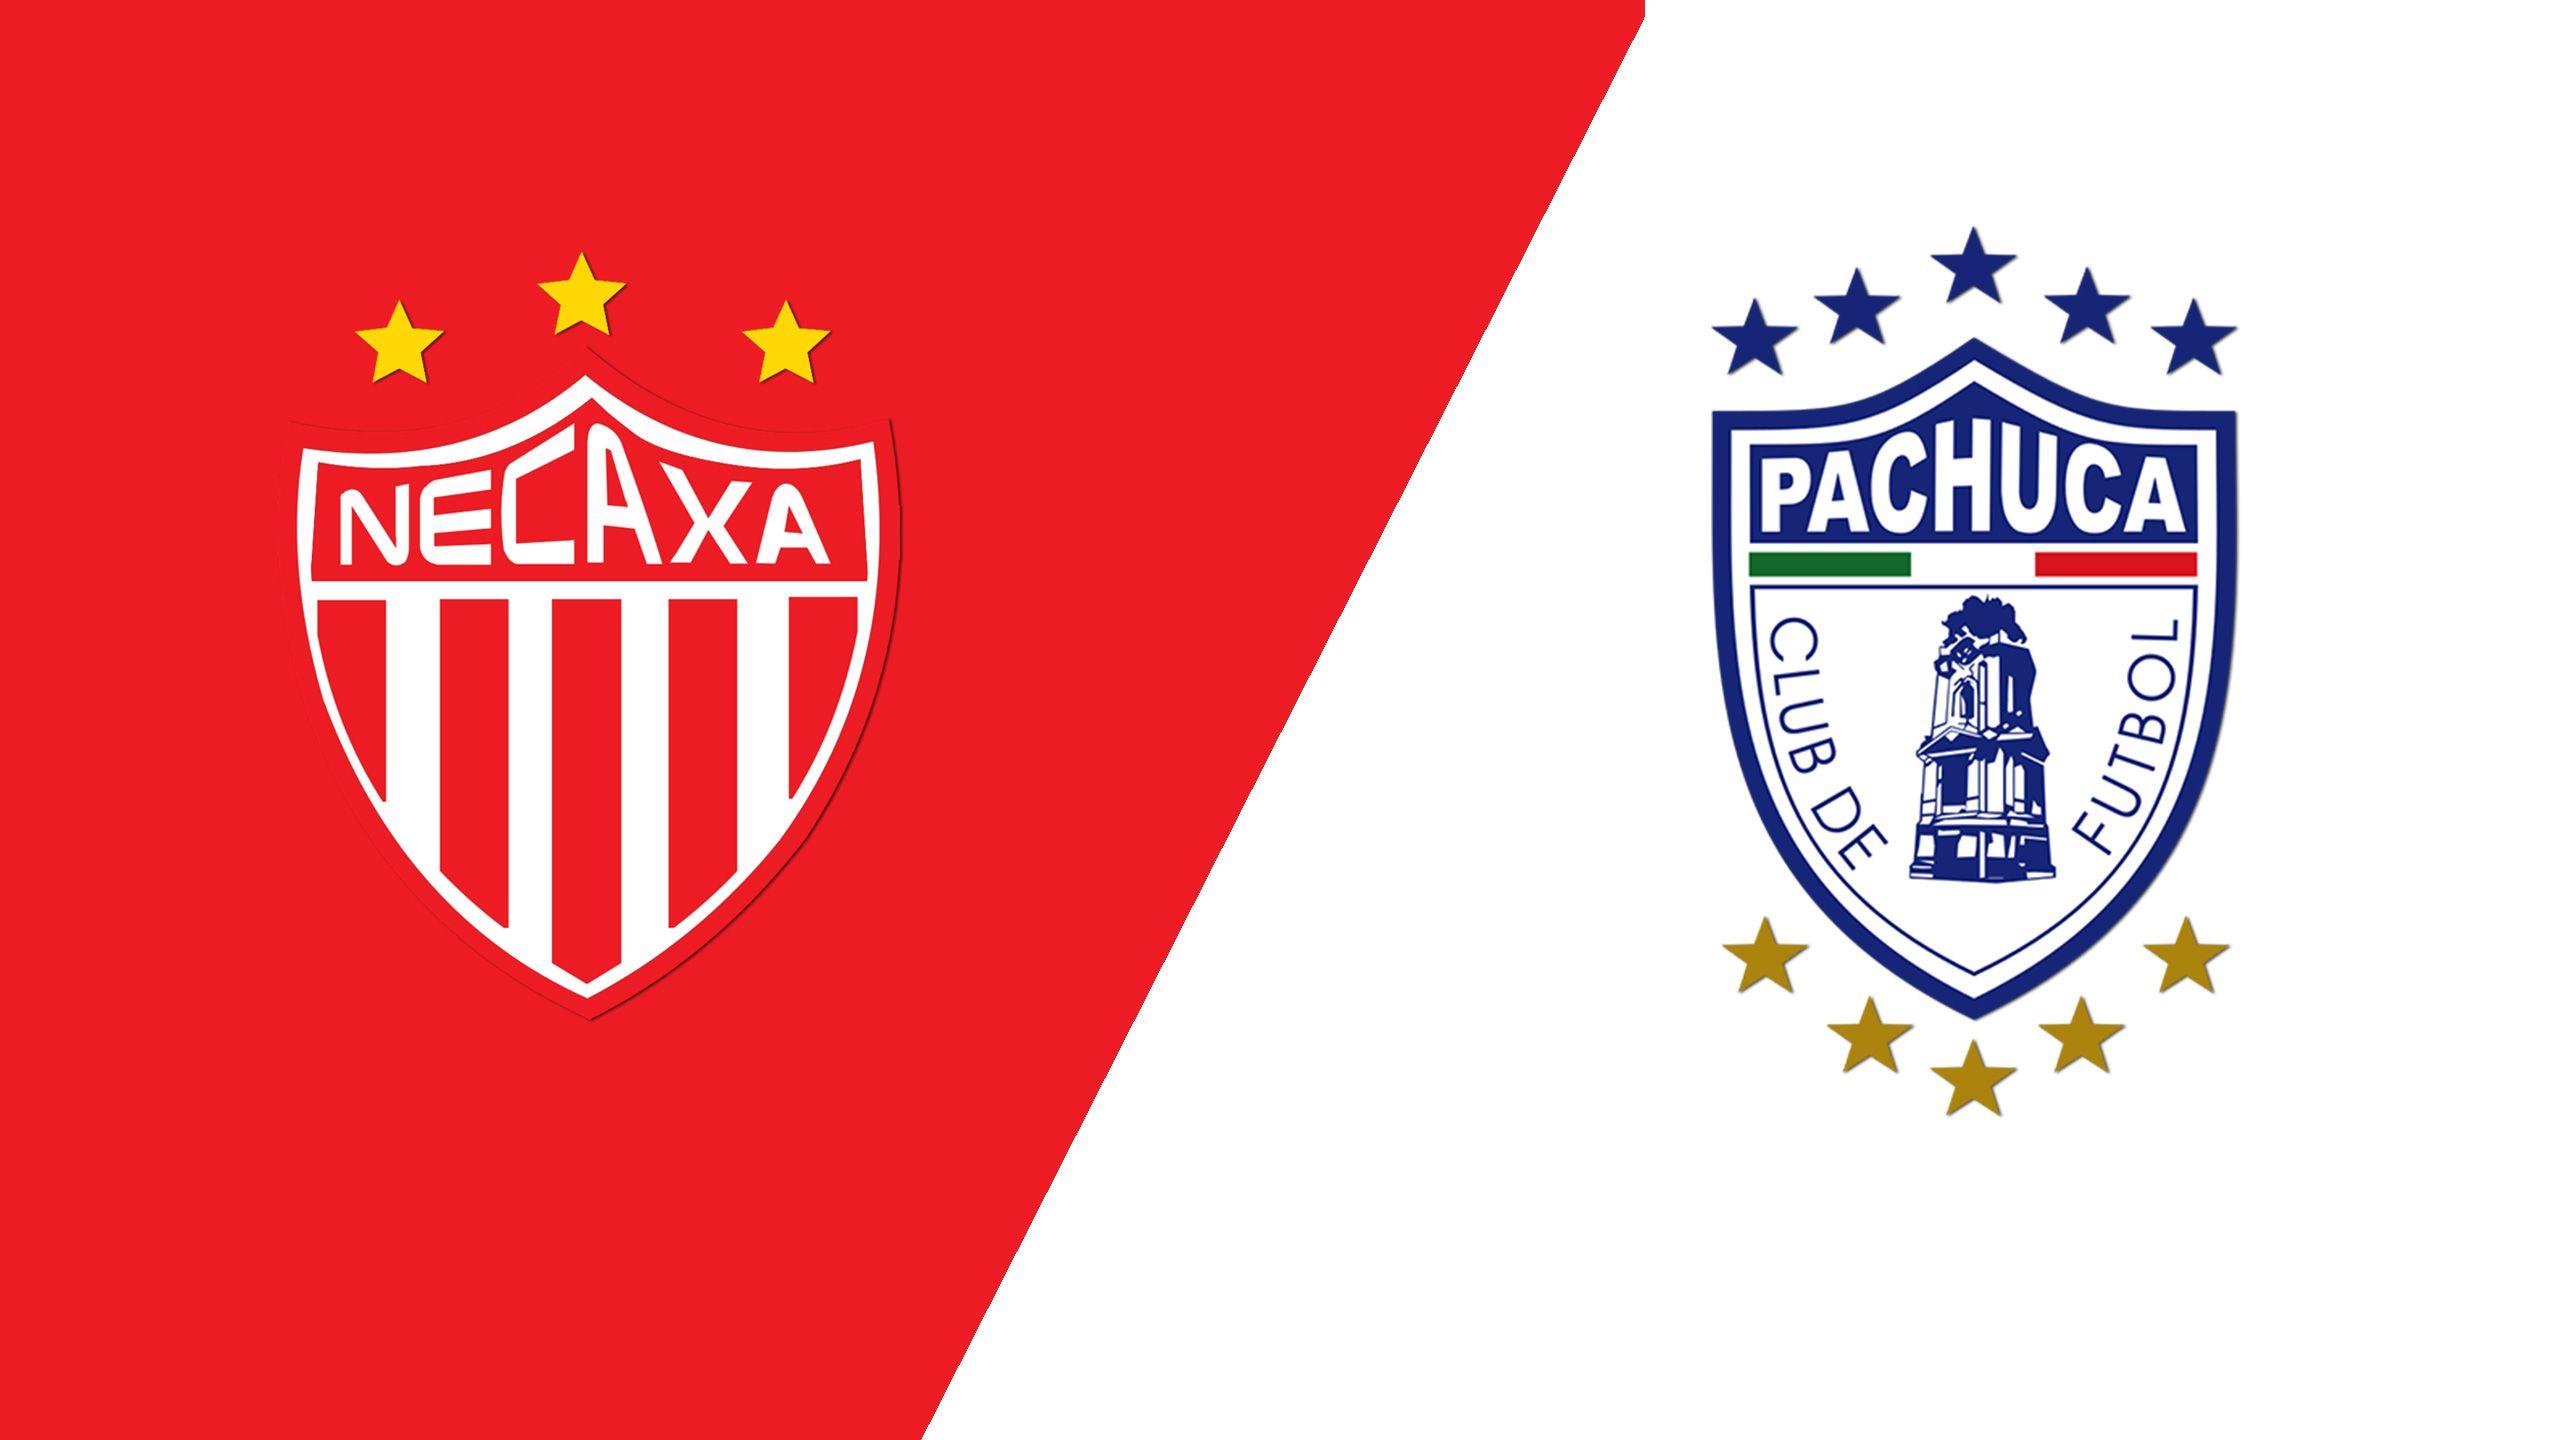 In Spanish - Rayos del Necaxa vs. Tuzos del Pachuca (Matchday #12) (Liga Bancomer)